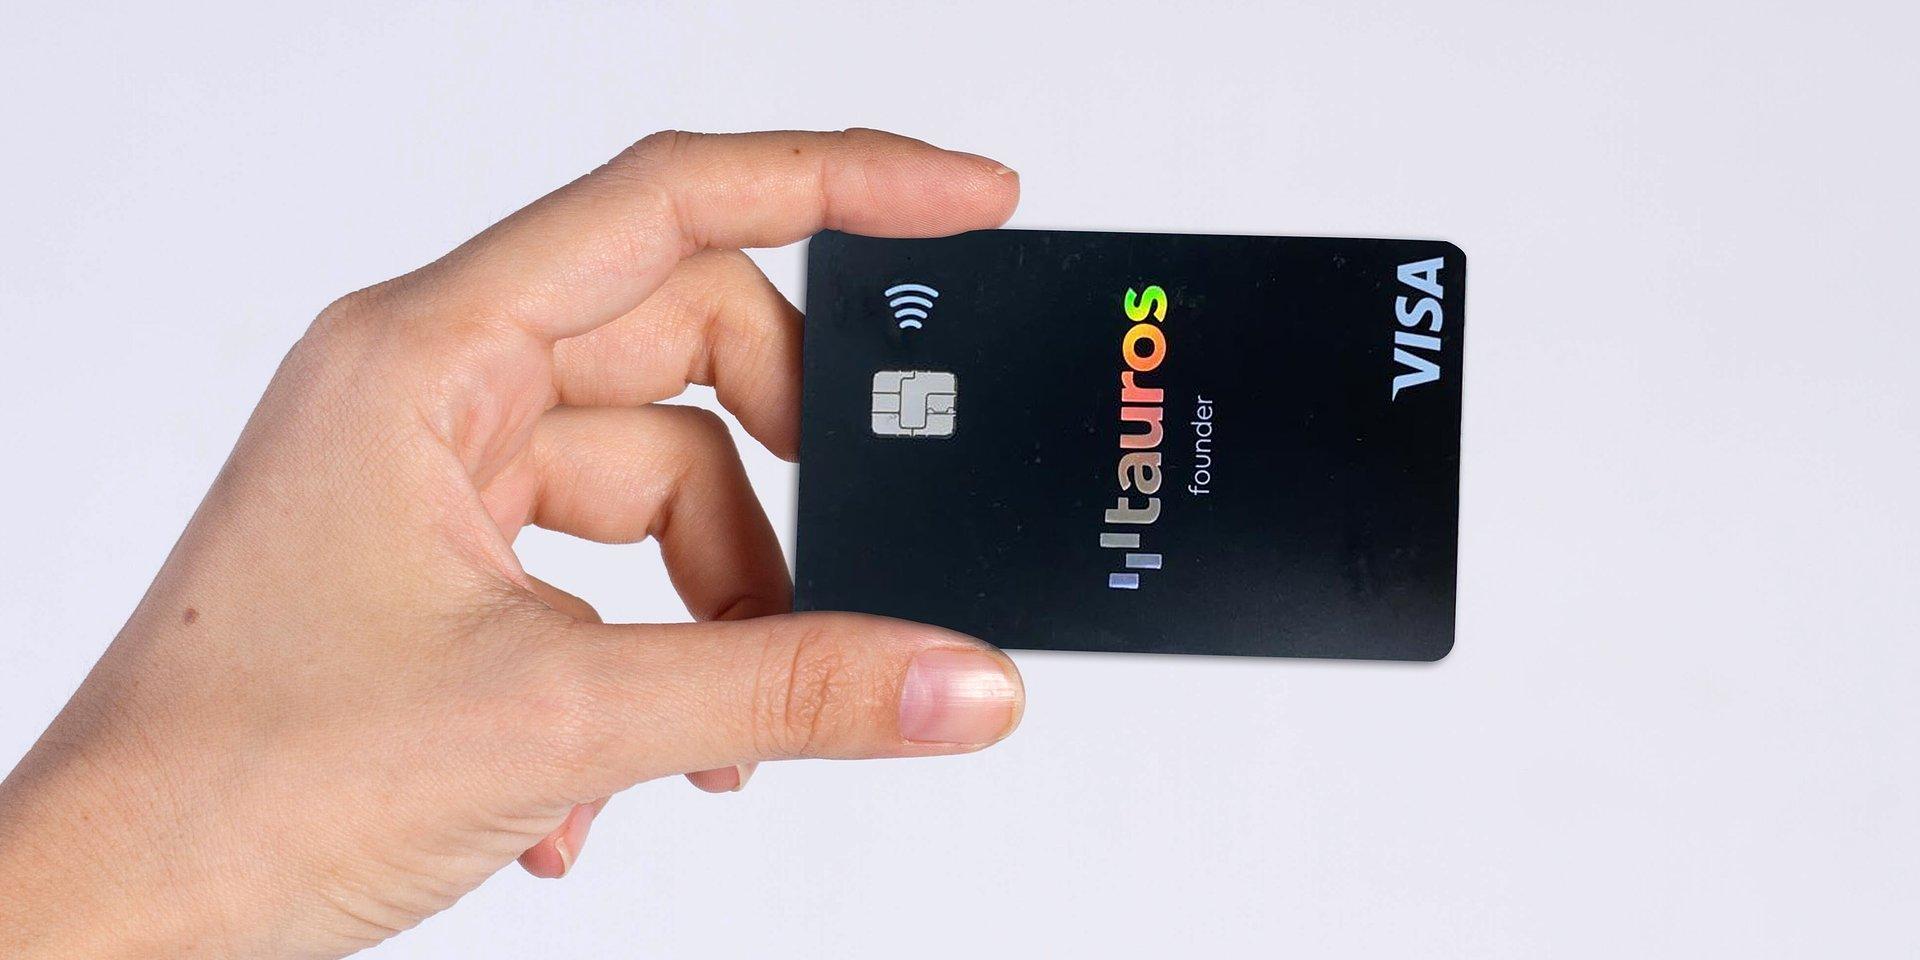 """Tauros Exchange, aliado de Dash, lanza tarjeta Visa con recompensas tipo """"DashBack"""", ofreciéndoles a millones de usuarios en México una forma de entrar y salir de Dash."""